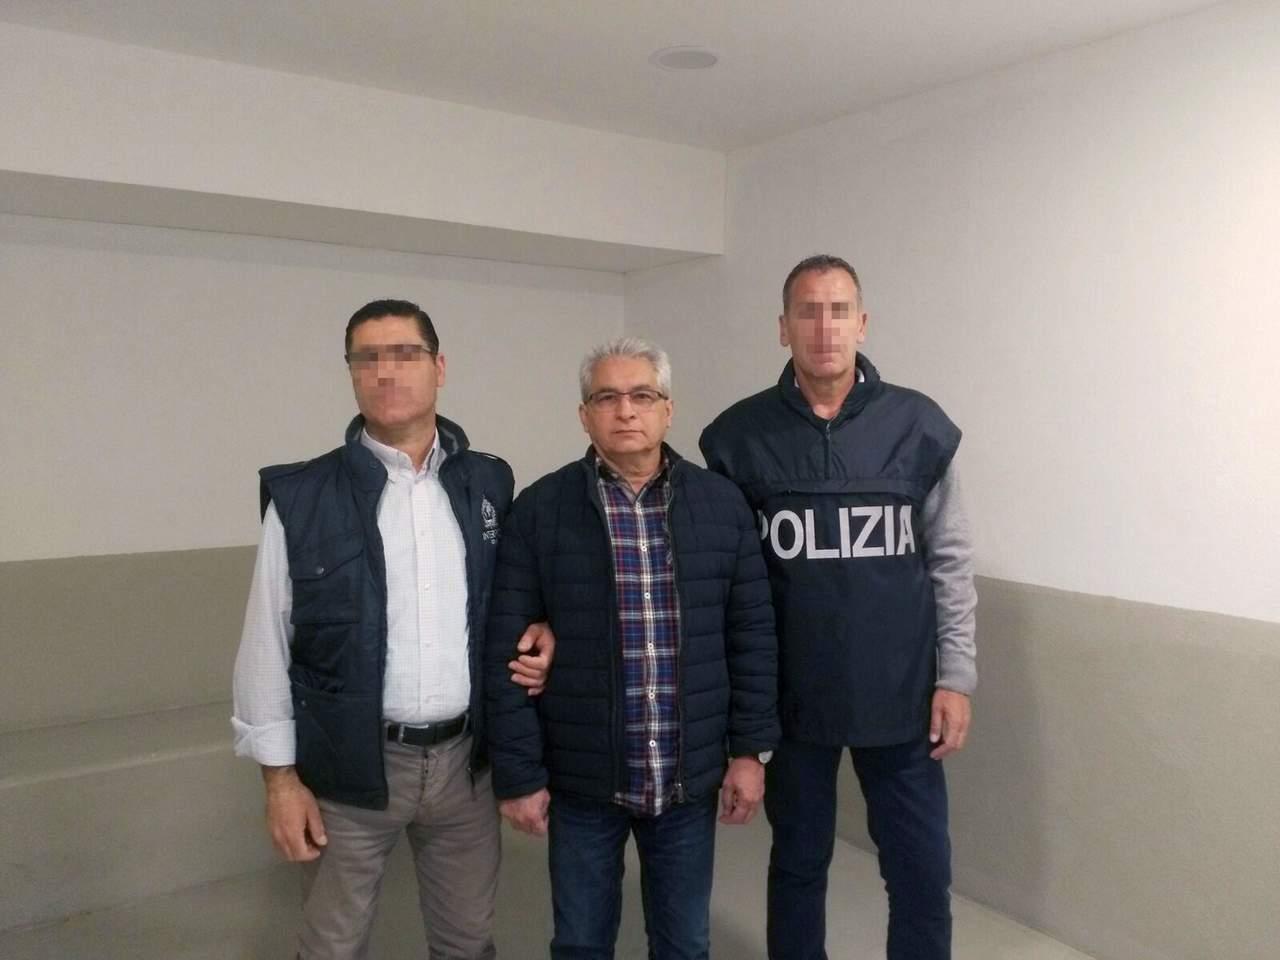 Italia extradita al exgobernador mexicano Tomás Yarrington a EU